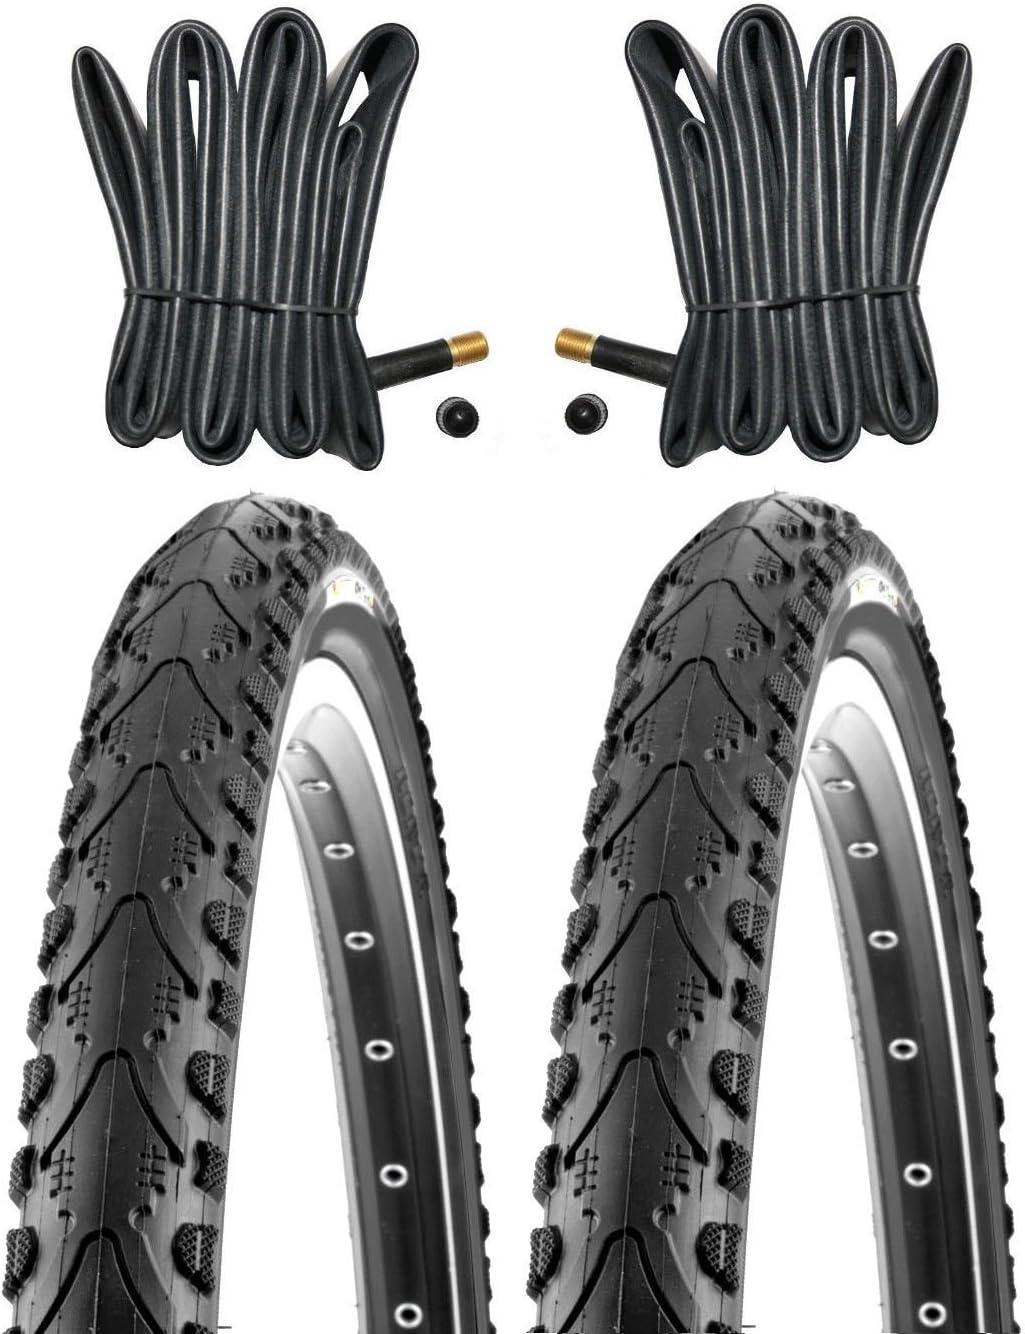 Kenda - Neumáticos para bicicleta (20 pulgadas, 20 x 1,75, 47-406, incluye 2 cámaras de aire con válvulas de aire de coche): Amazon.es: Deportes y aire libre